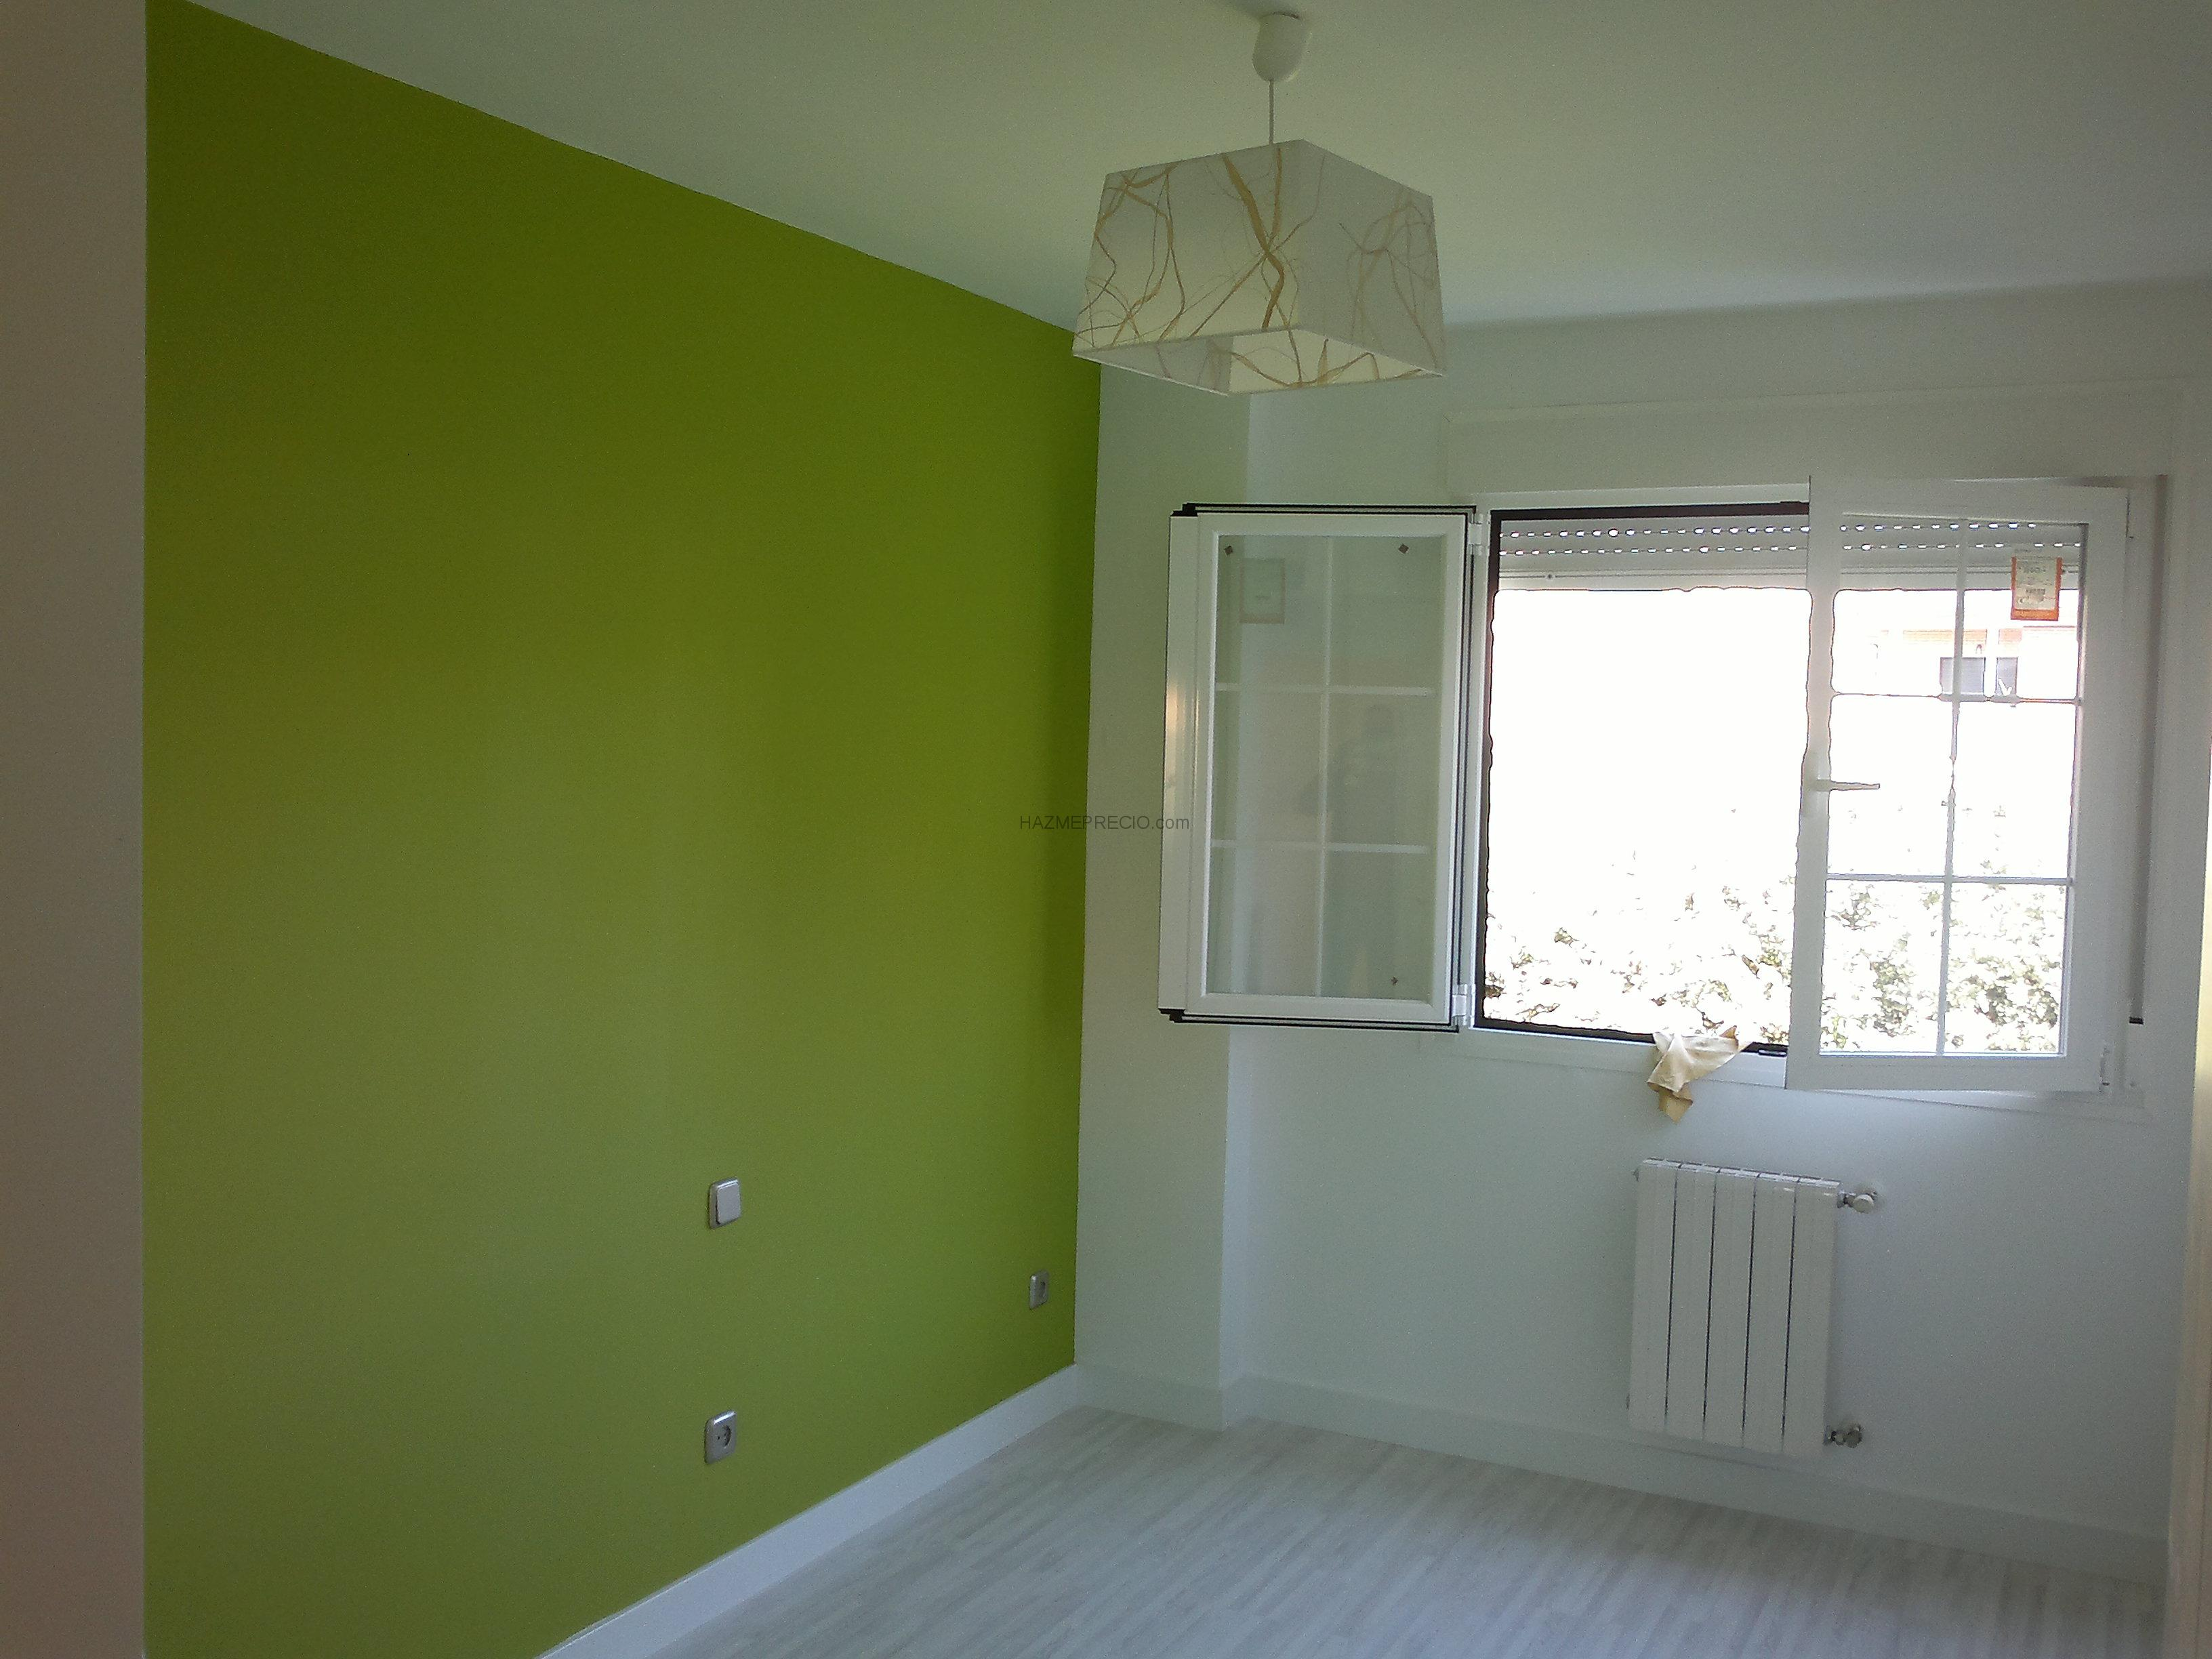 Presupuesto para pintar un z calo de azulejo con pintura - Precio pintura azulejos ...